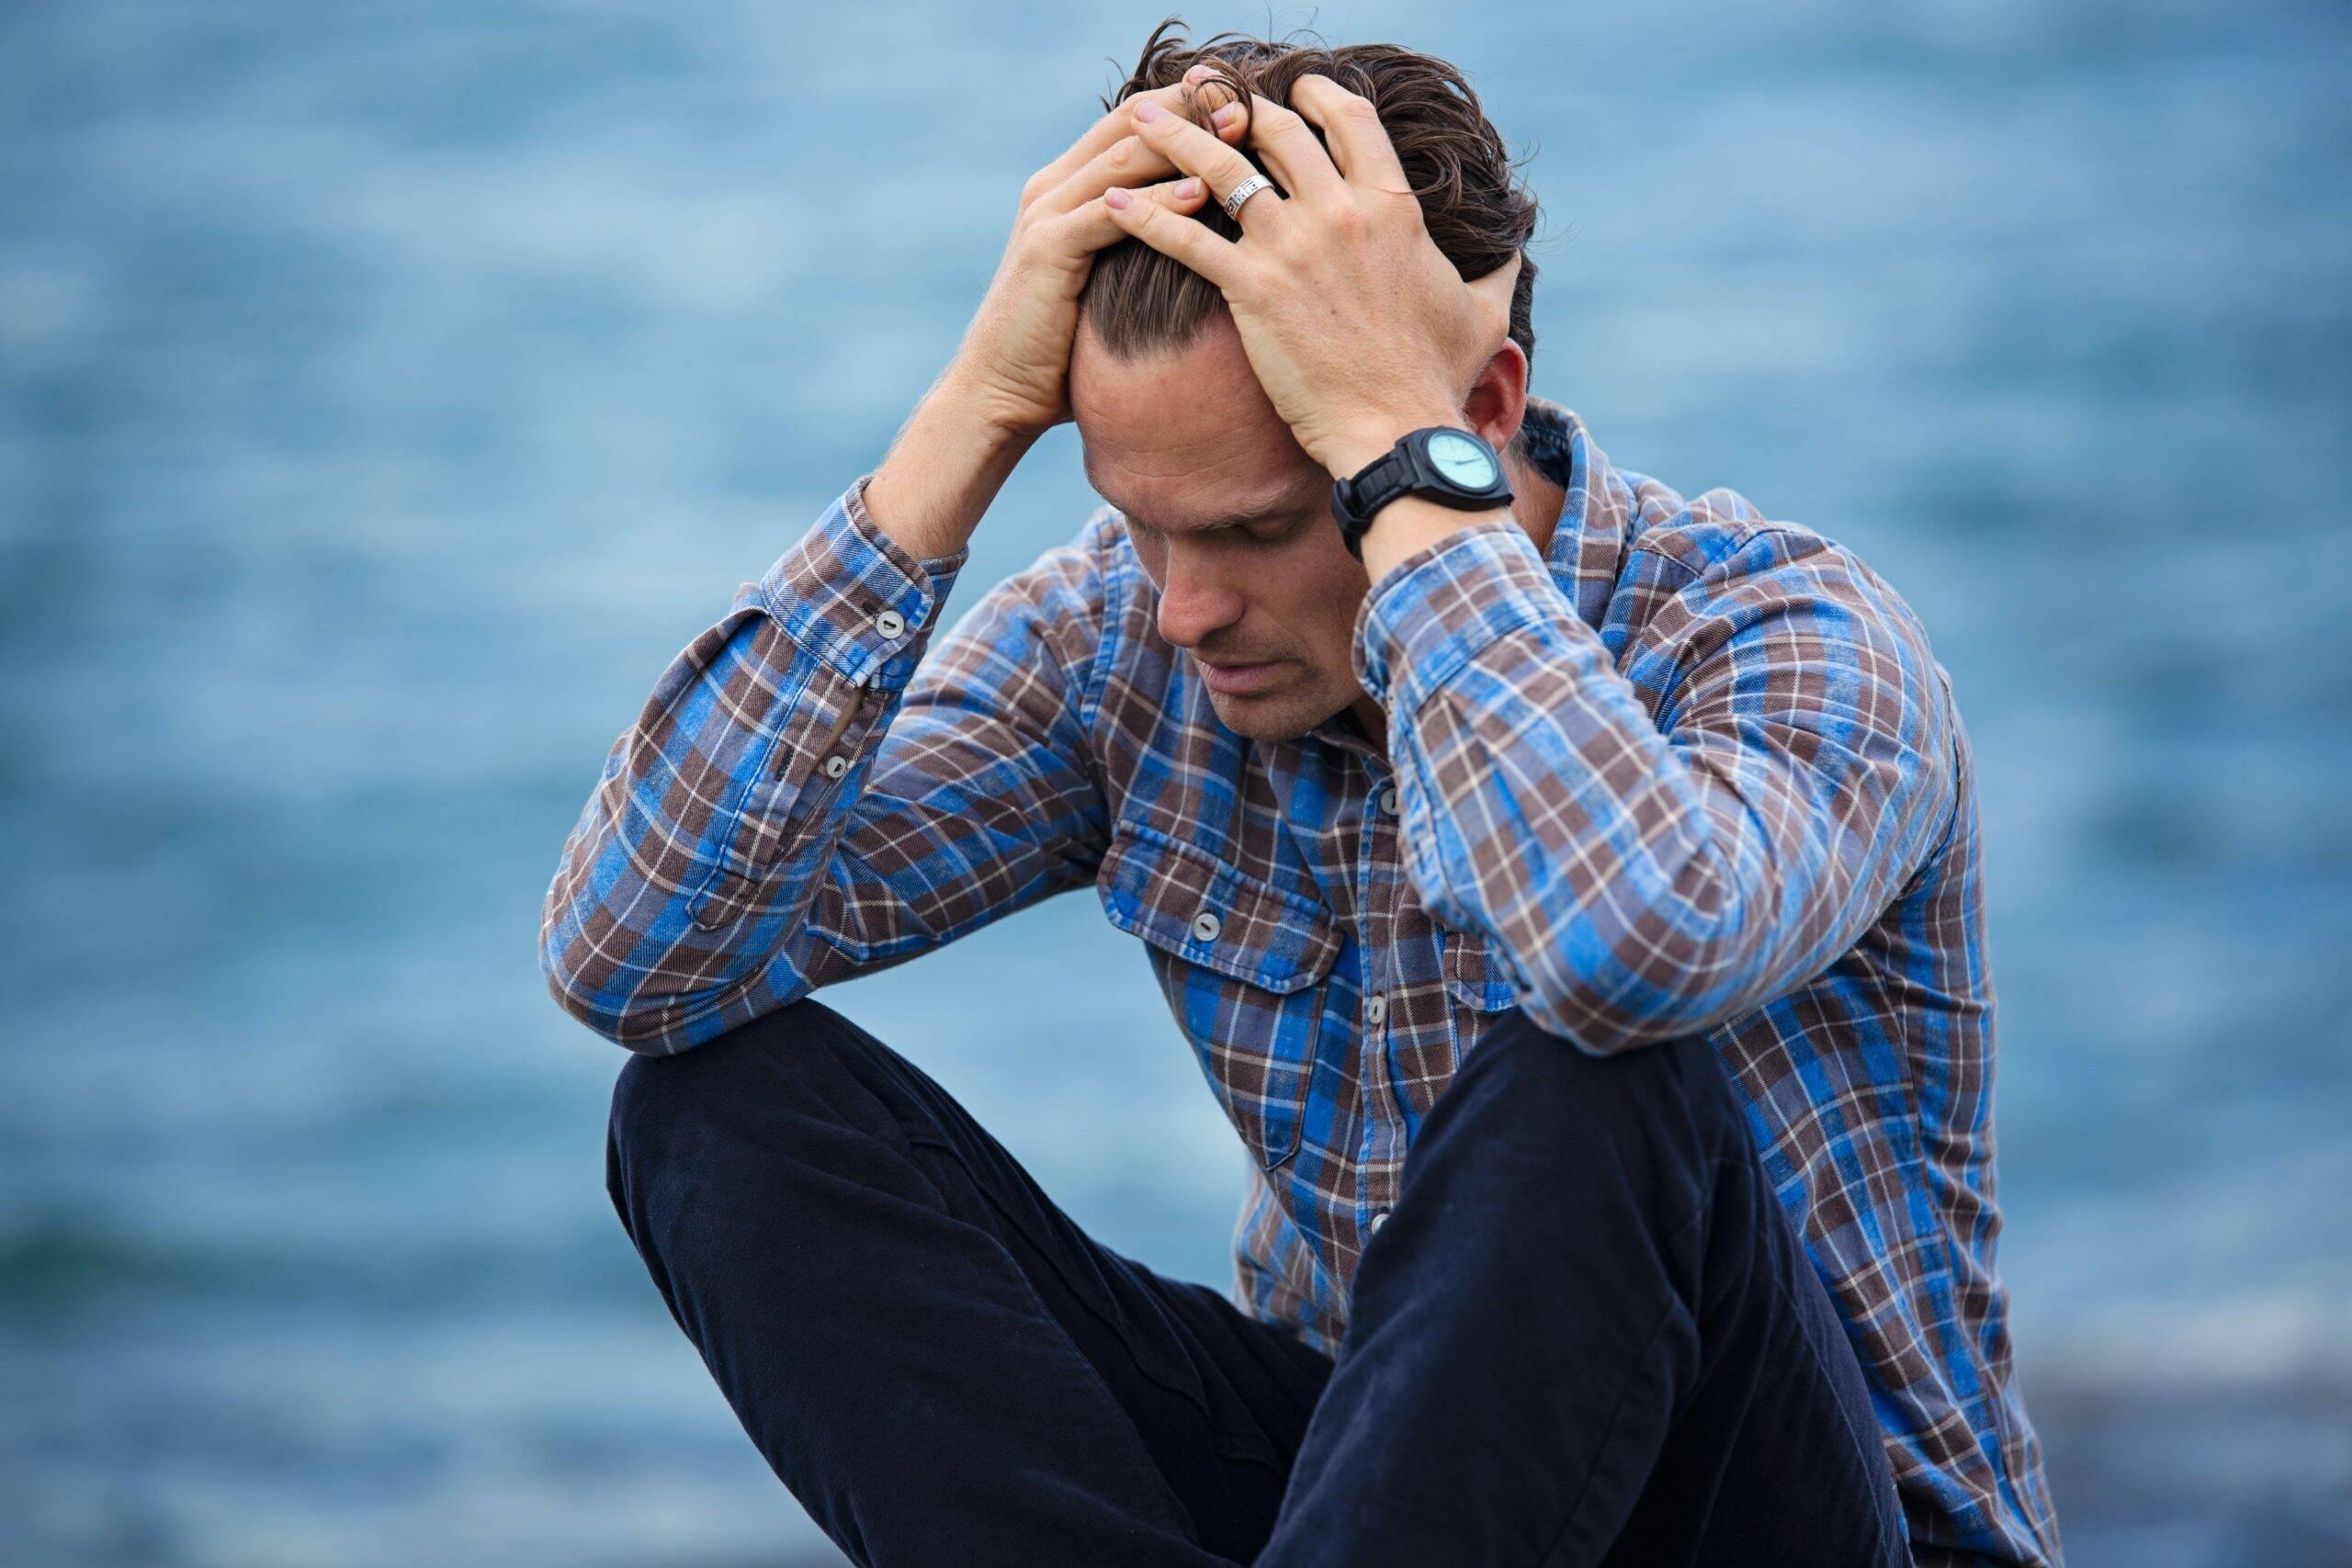 A pandemia trouxe muitas preocupações, alterações nas rotinas e muitos problemas, que causaram estresse nas pessoas. (Foto: Pexels)